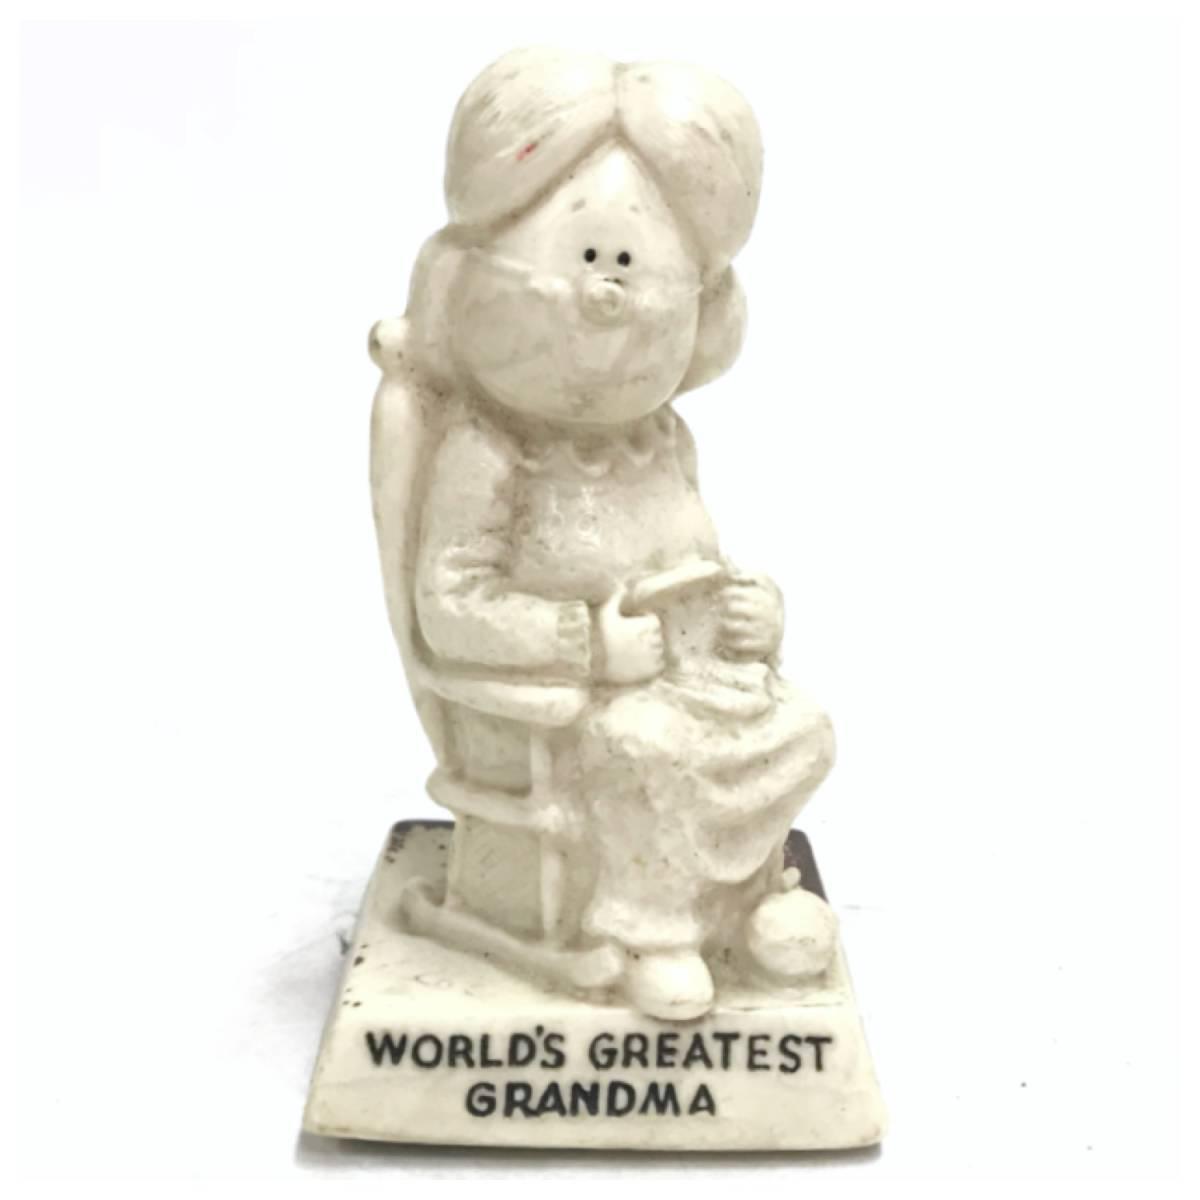 メッセージドール WORLD'S GRATEST GRANDMA シリースカルプス インテリア 小物 雑貨 置物 レトロ オールド ビンテージ アンティーク D-1385_画像1